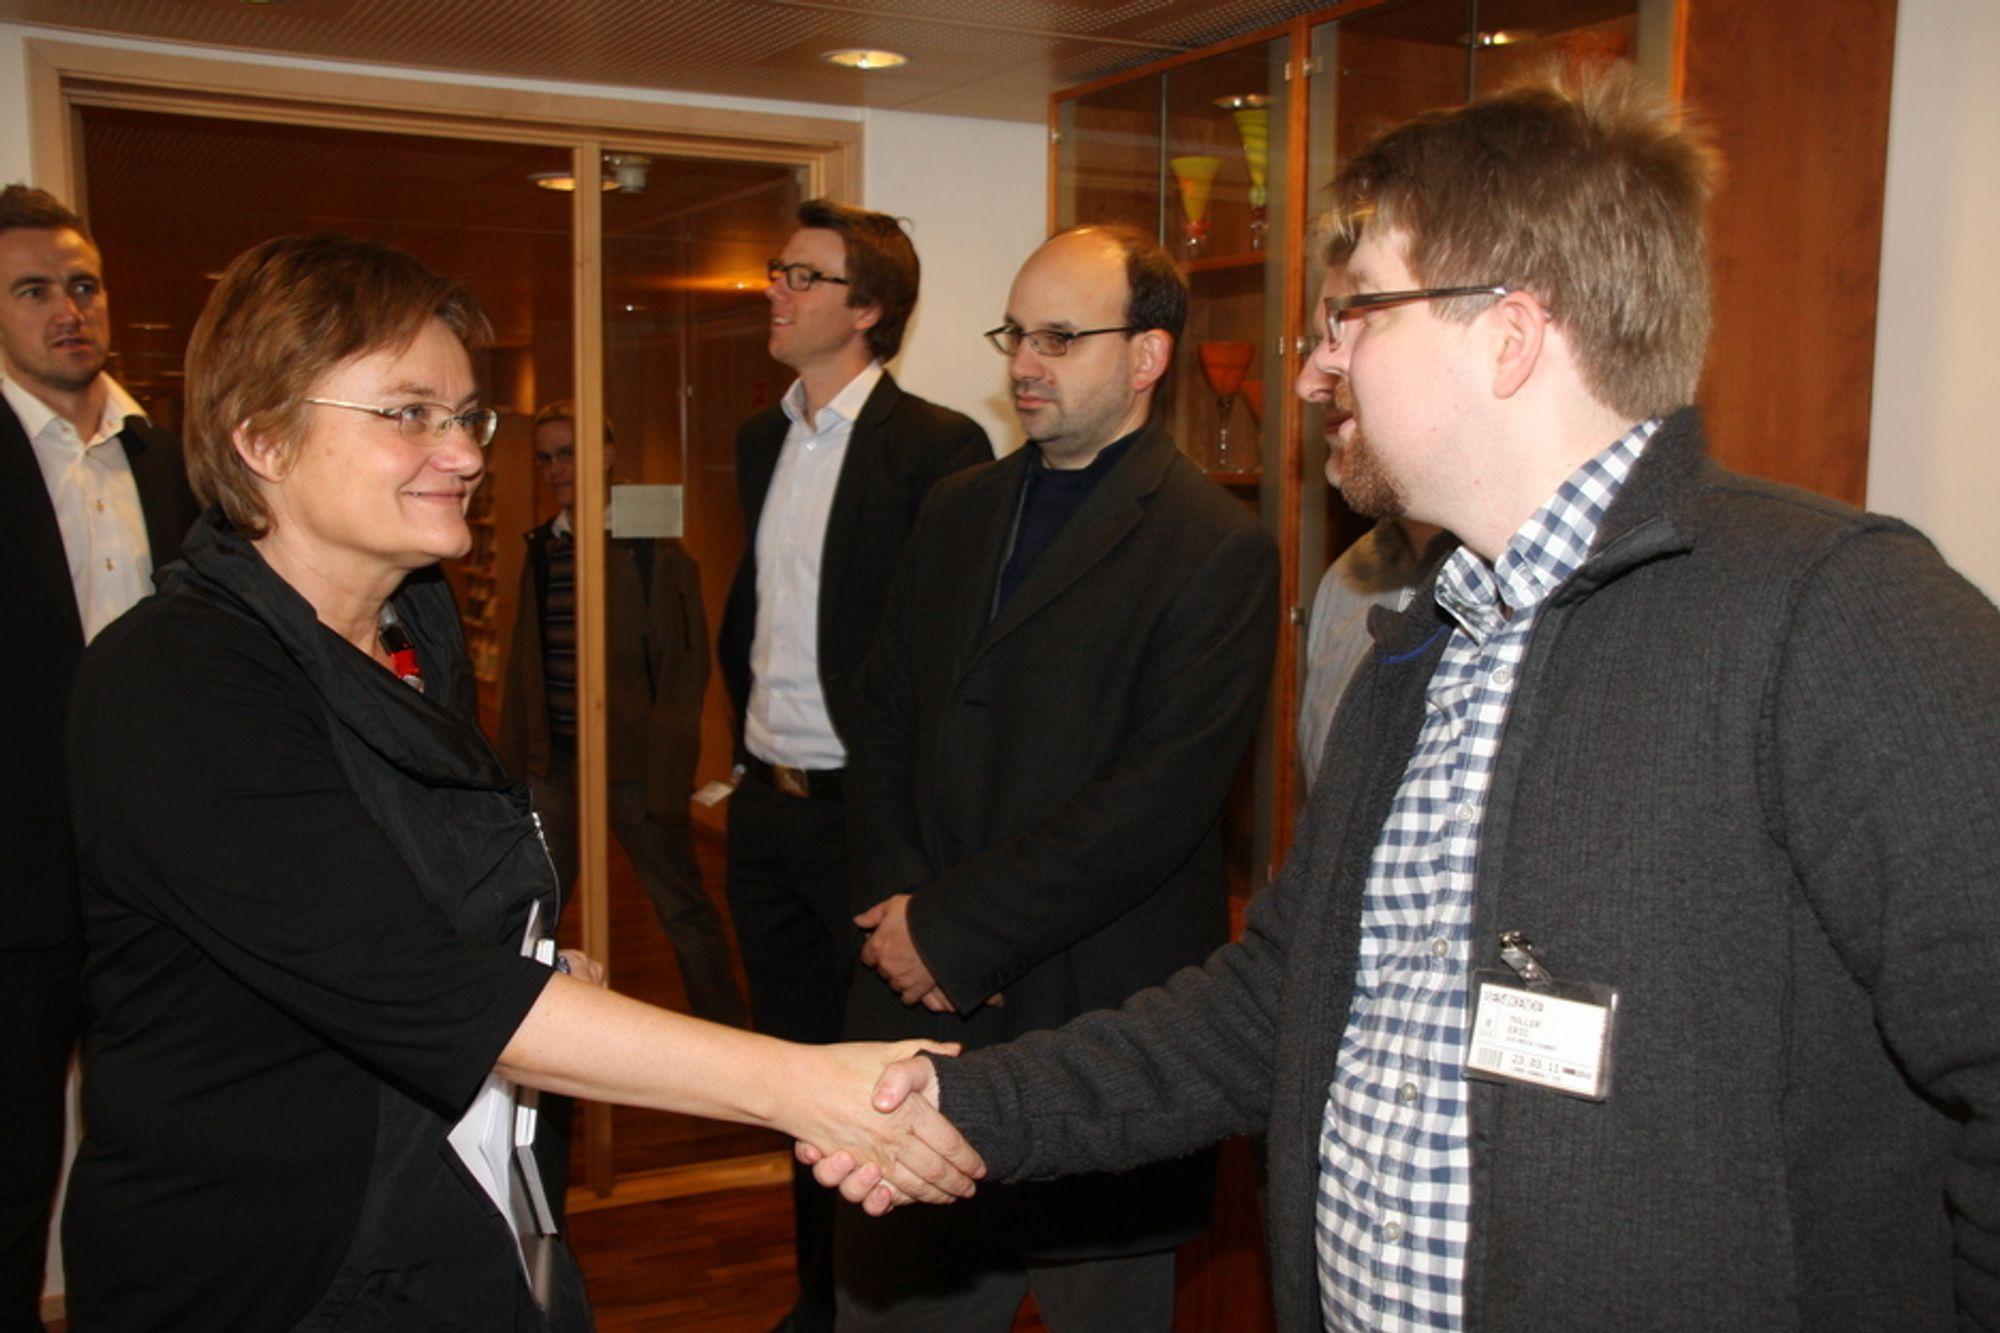 ÅPEN DØR: Erik Möller fra Wikimedia (i midten) og Tom Steinberg fra My Society anbefaler fornyingsminister Rigmor Aasrud til å åpne alle sluser for offentlig informasjon.